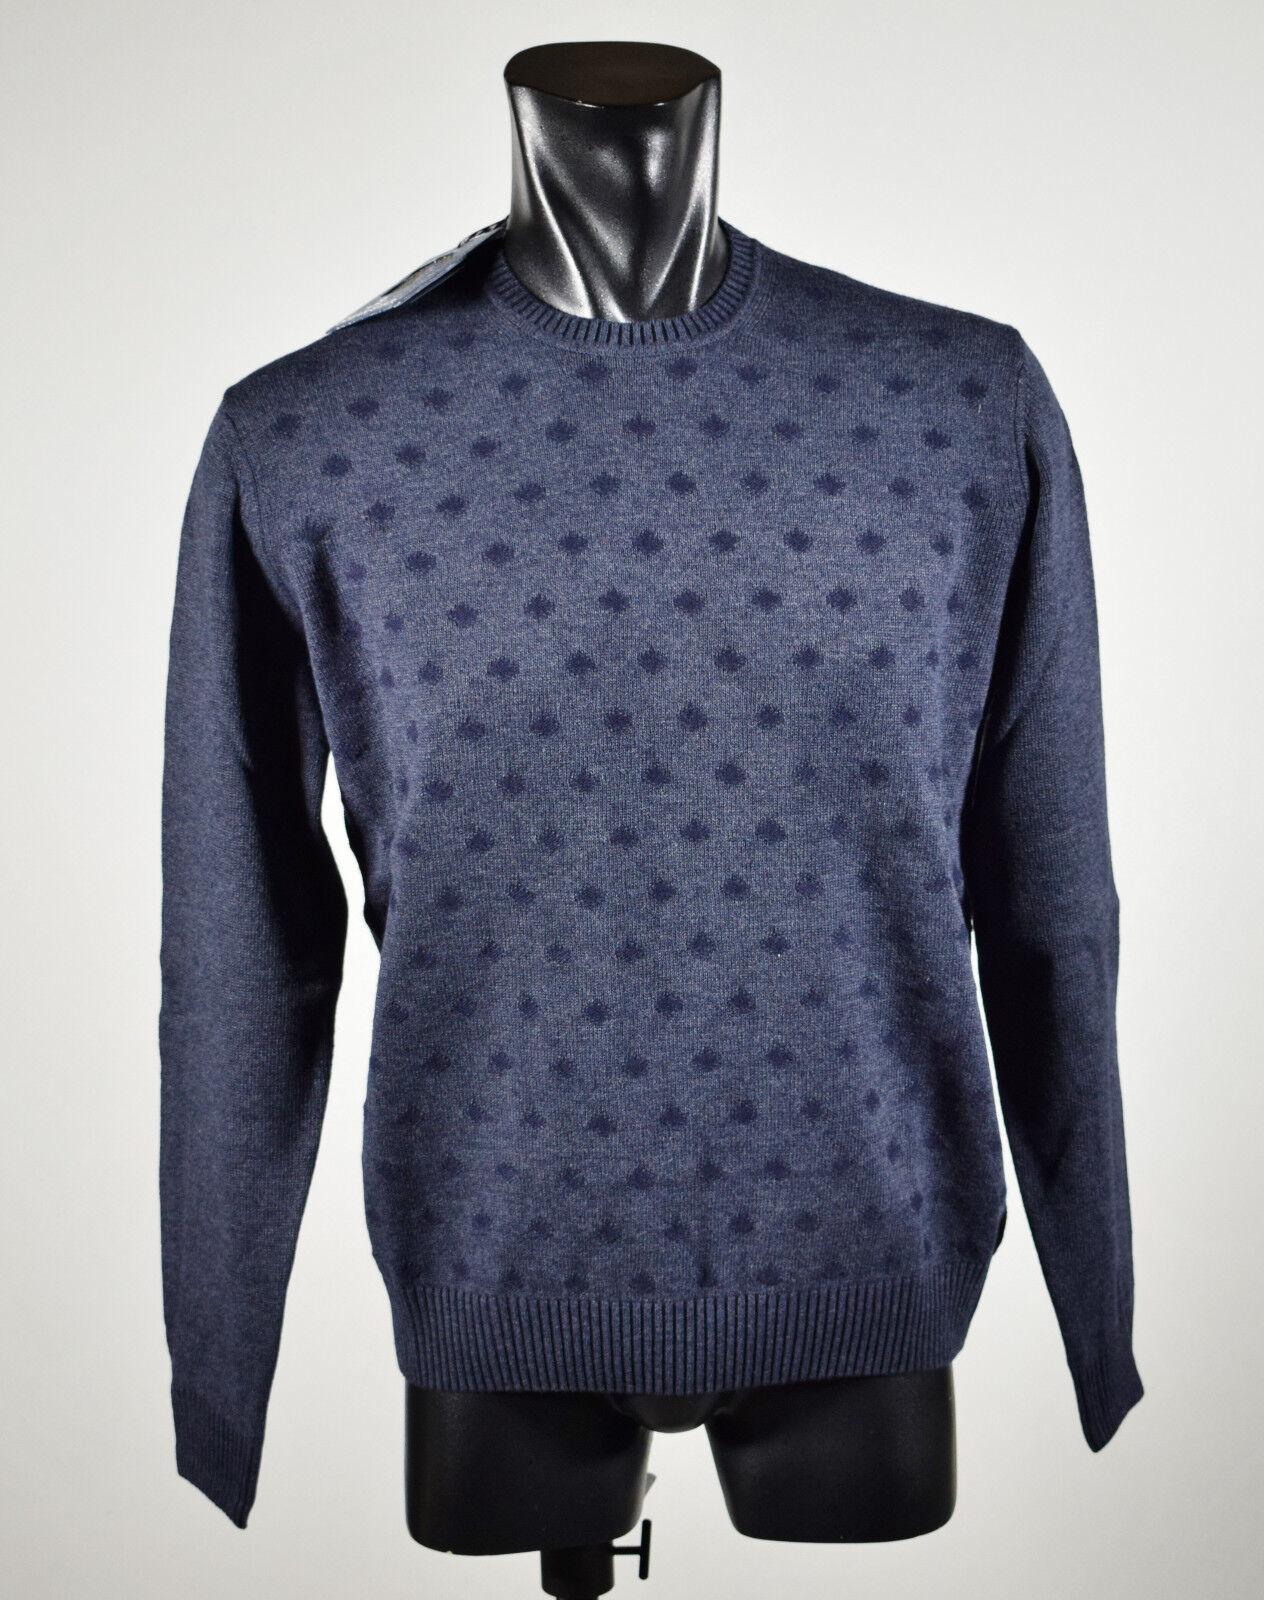 Maglione Ocean Star Girocollo misto lana lavata lavata lavata vestibilità slim fit tre colorei d78527